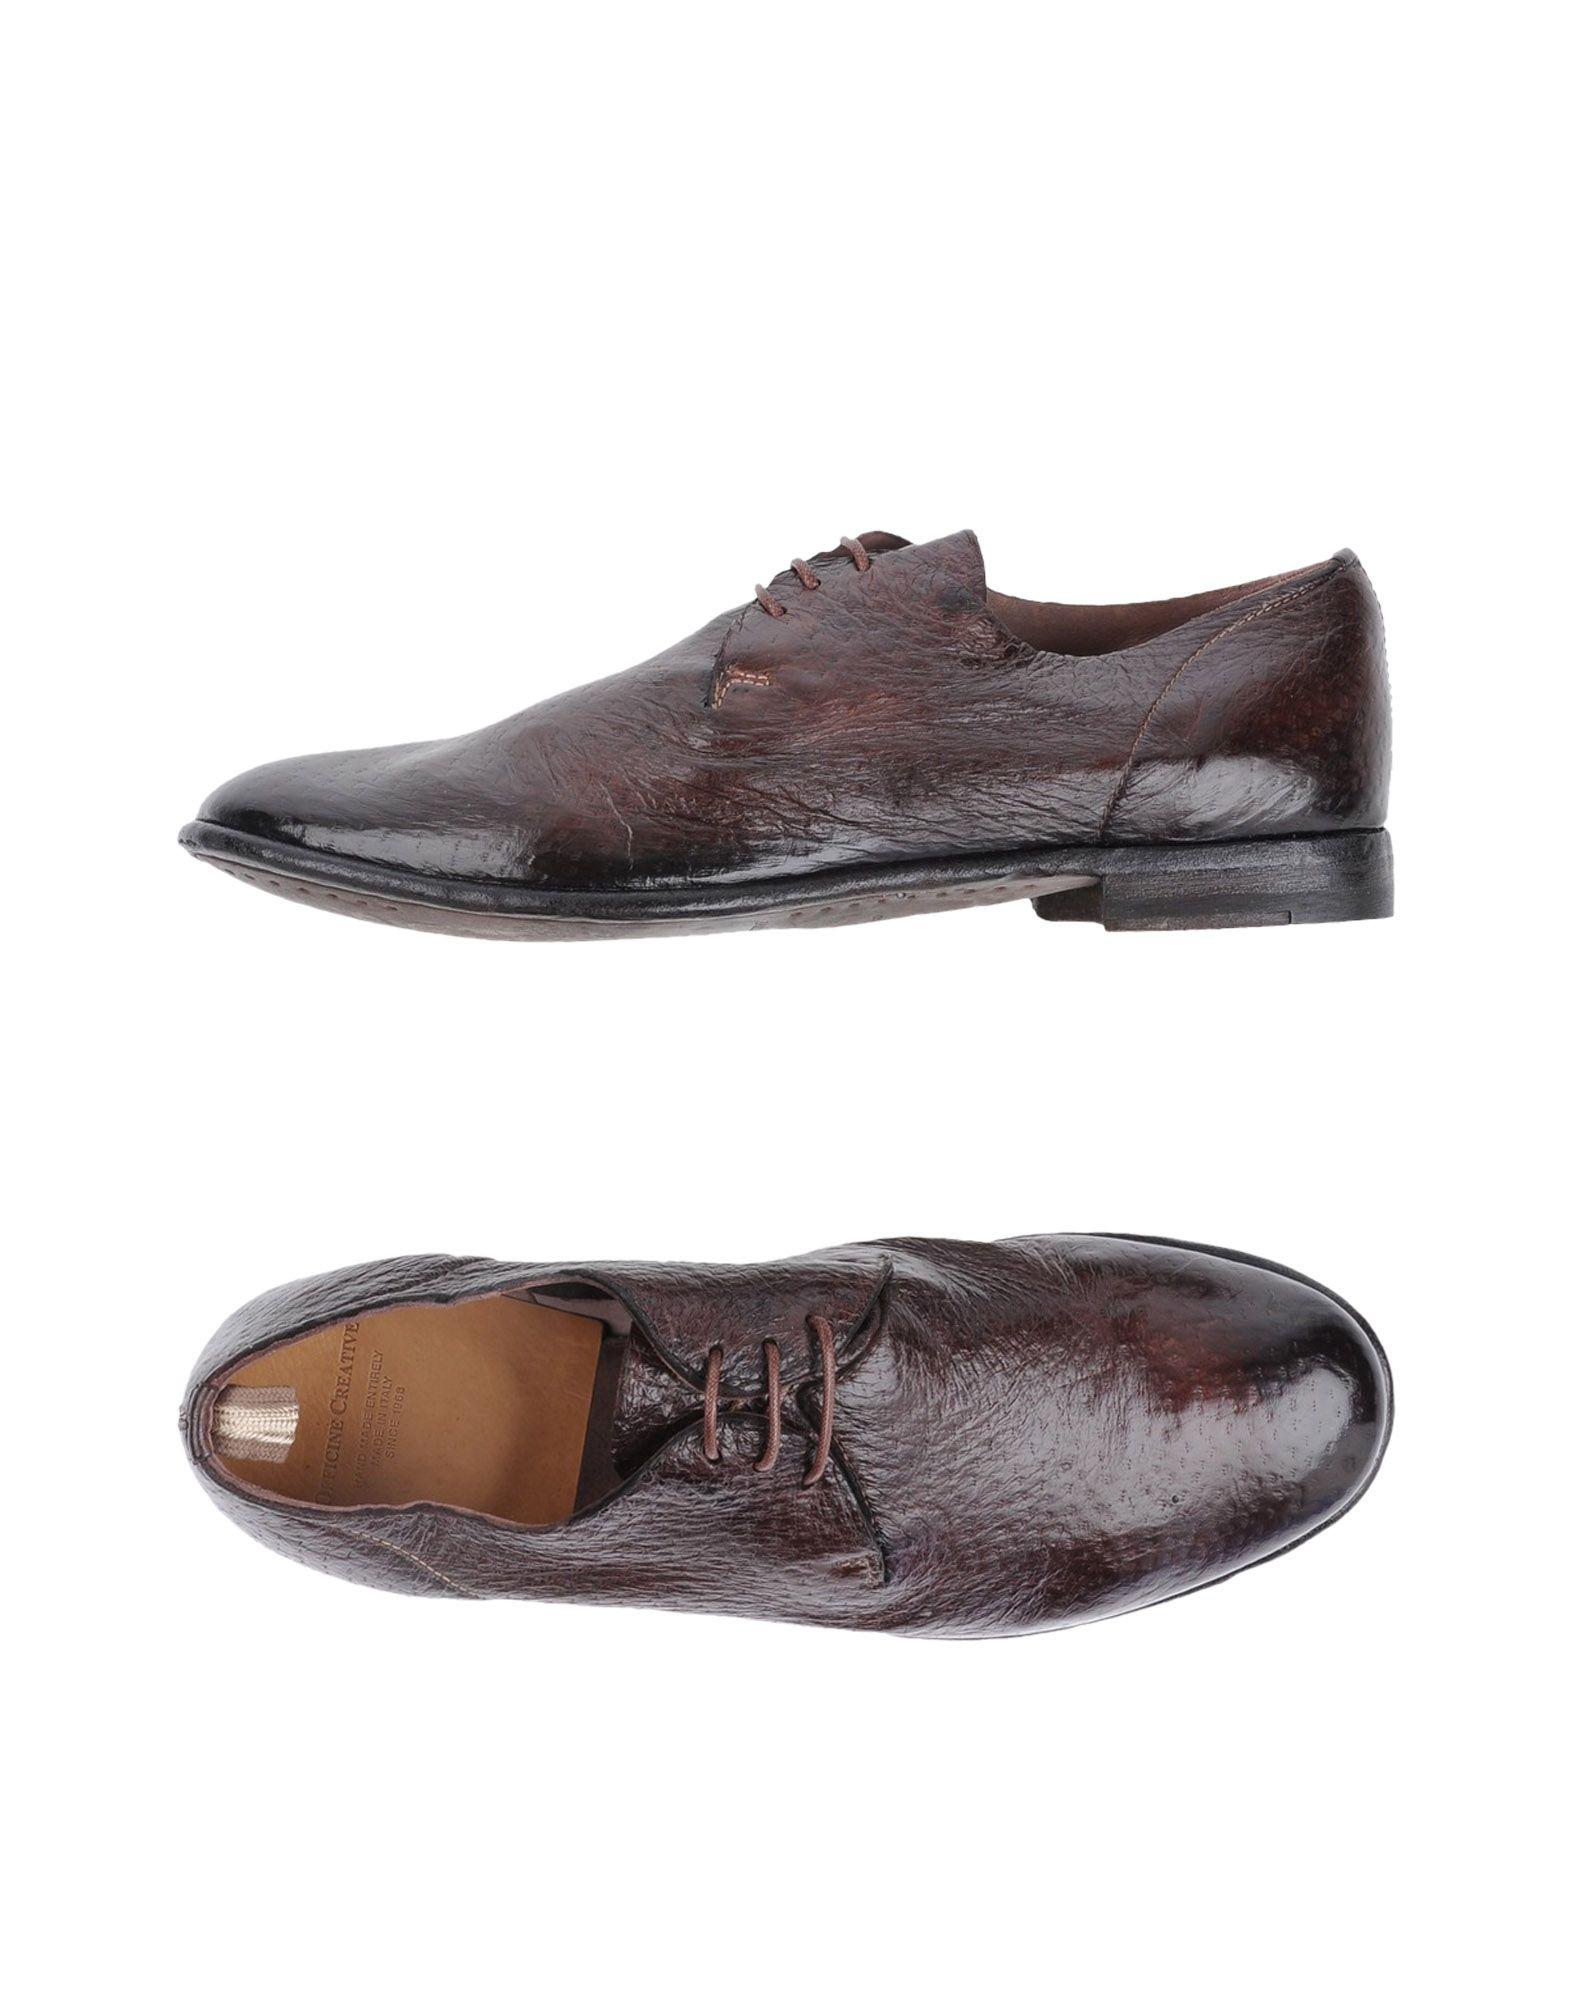 Officine Creative Italia Schnürschuhe strapazierfähige Damen  11332913EIGut aussehende strapazierfähige Schnürschuhe Schuhe 9c2c32